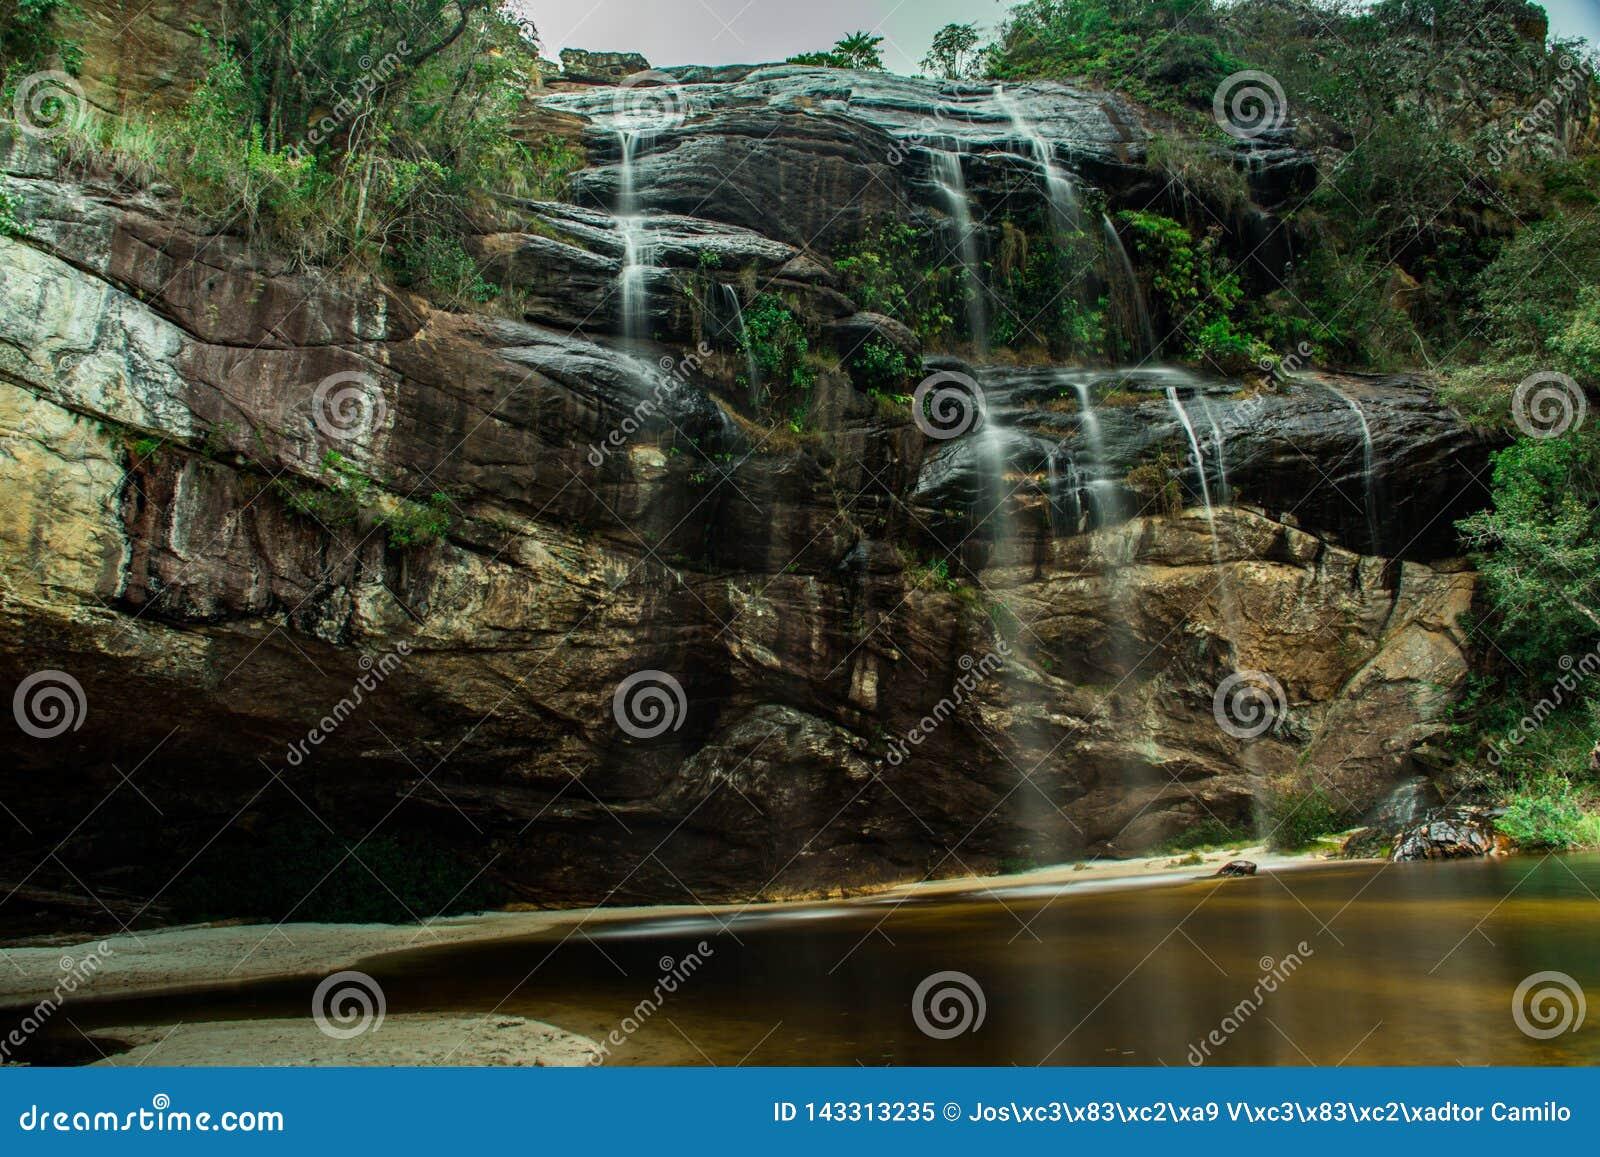 Cascata del tempo perso, nel distretto di Capivari, in Serro, Minas Gerais, Brasile Foto presa con esposizione lunga